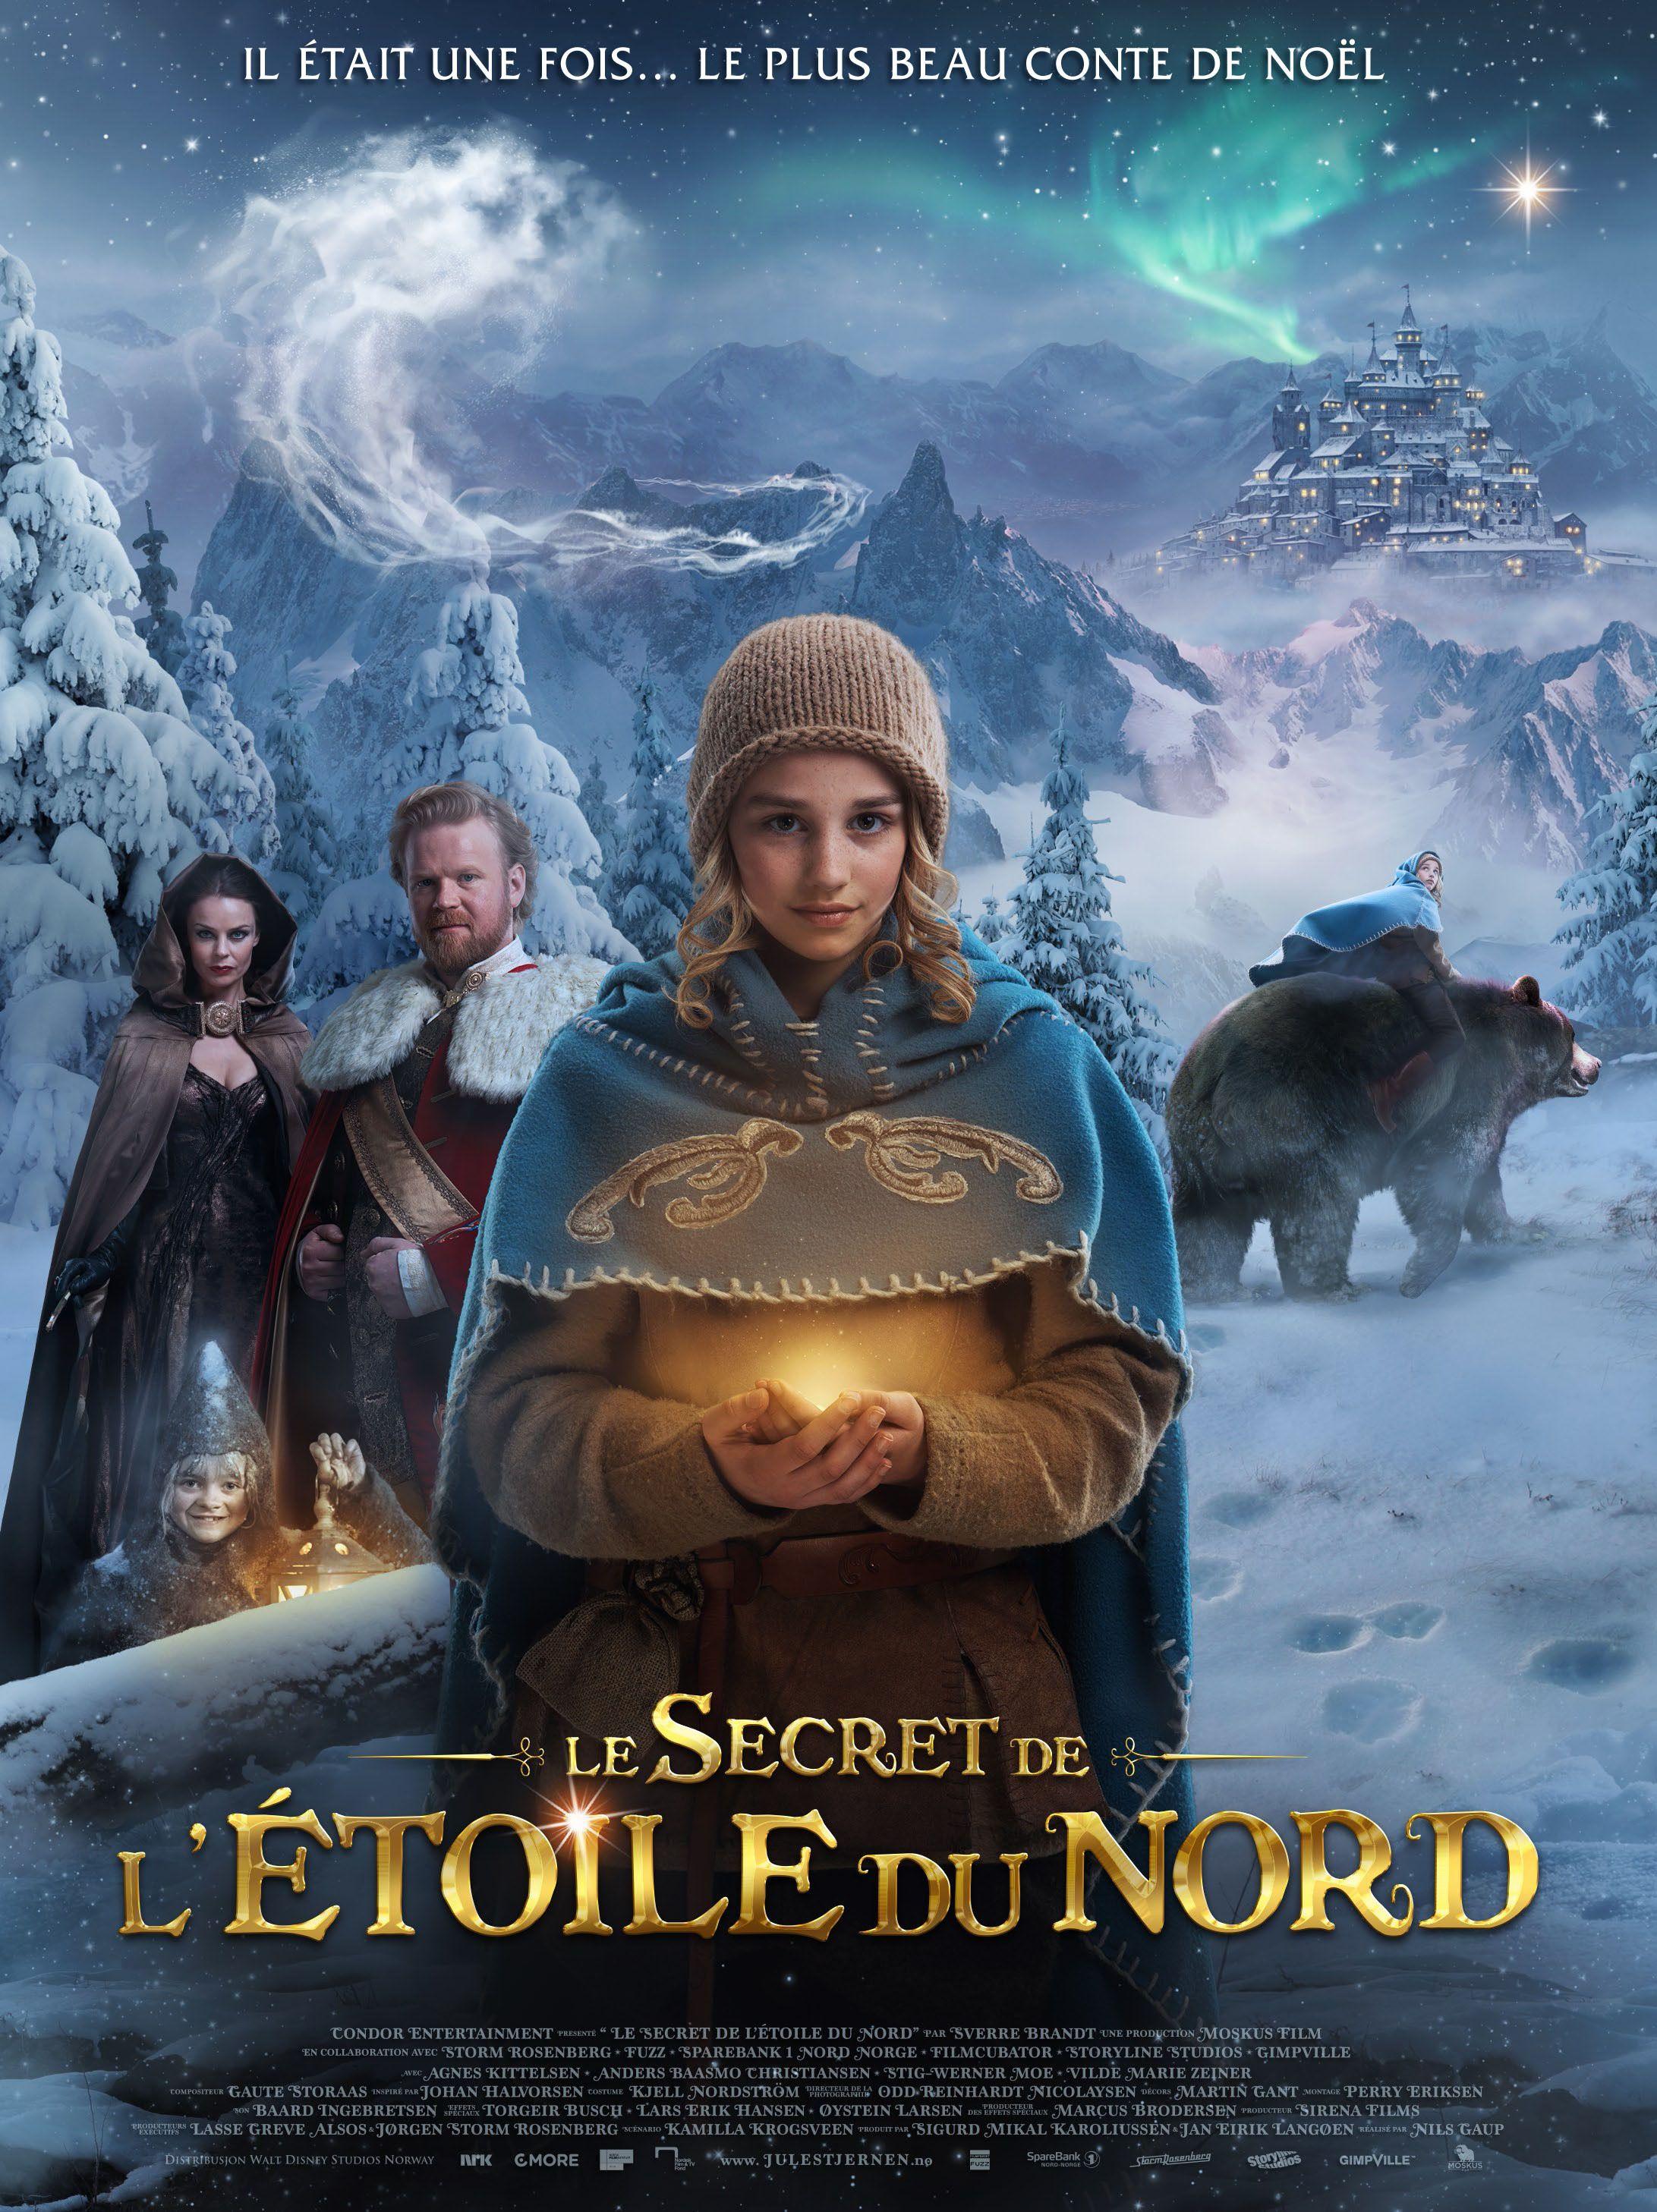 Le Secret de l'étoile du nord - Film (2012)